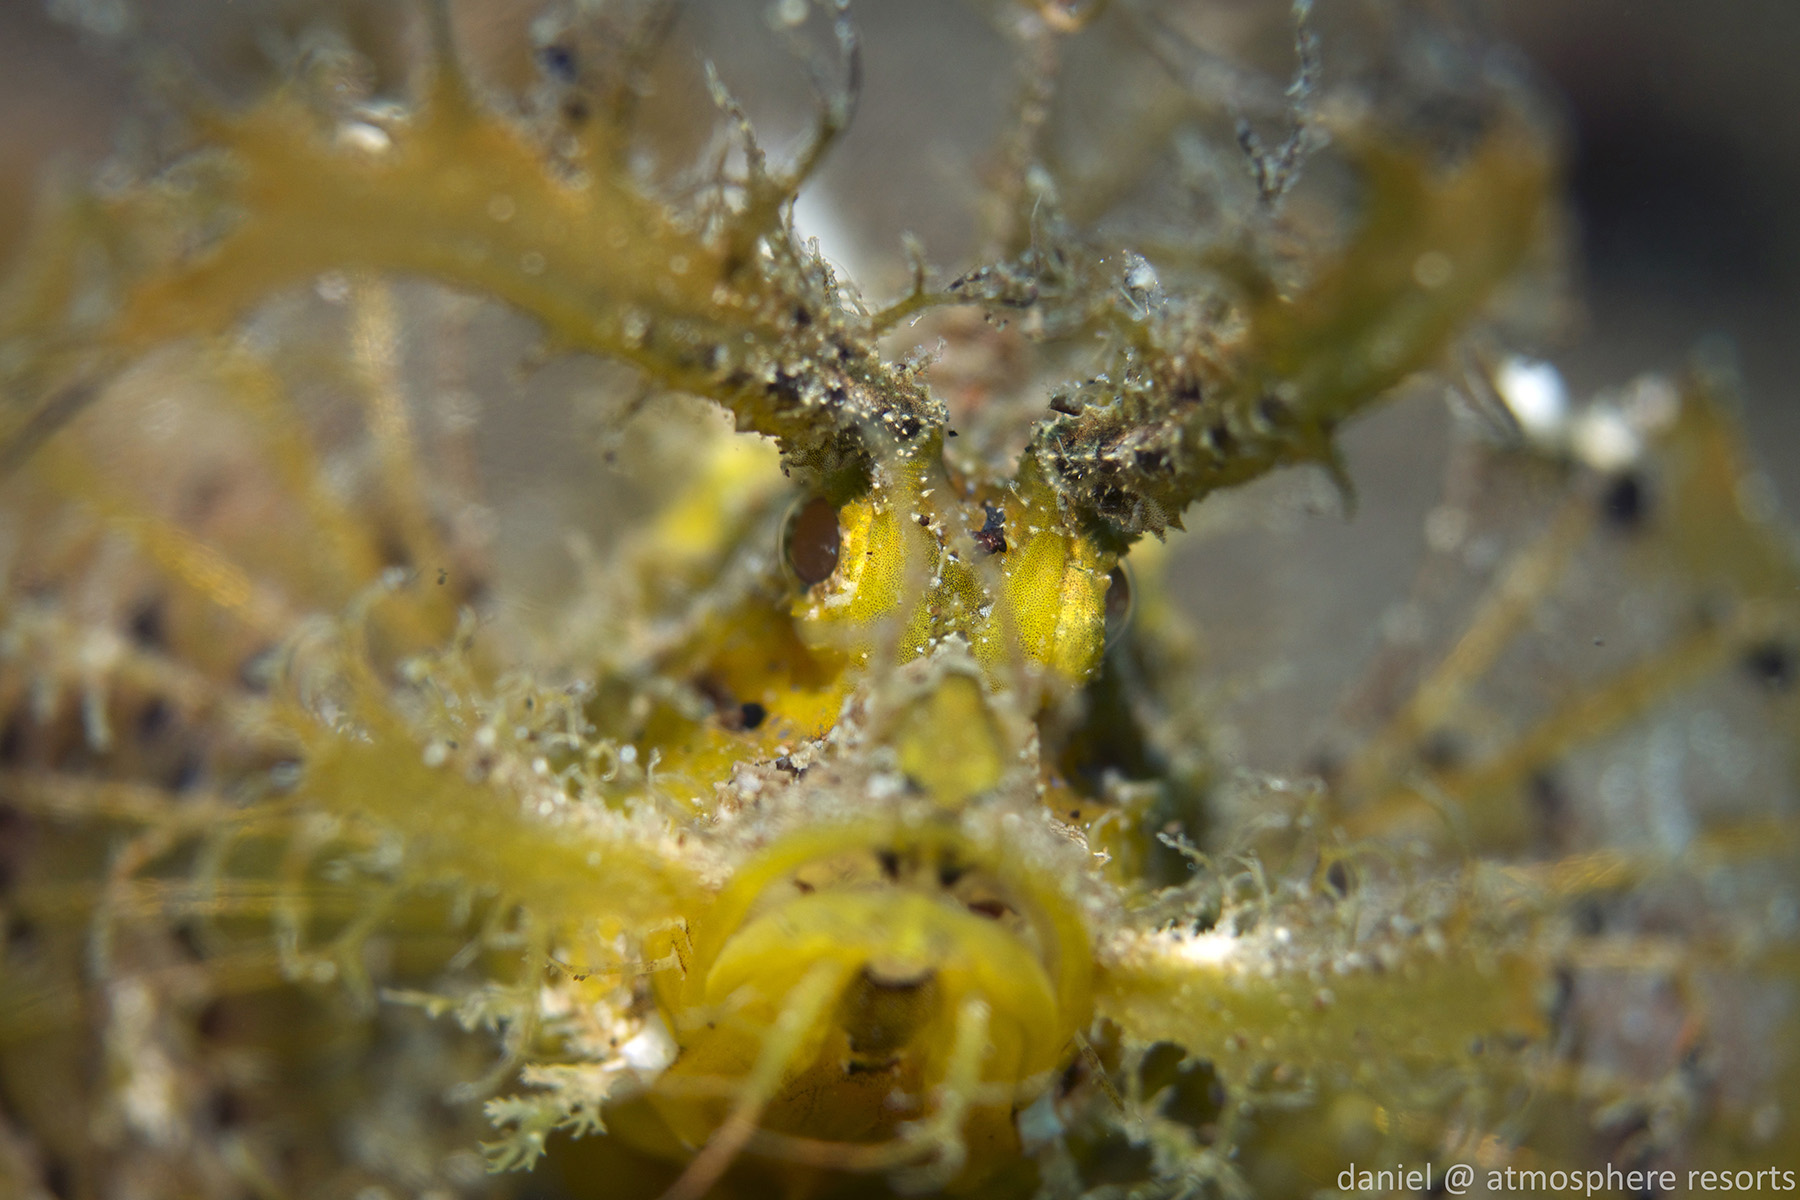 Ambon Scorpionfish by Daniel Geary